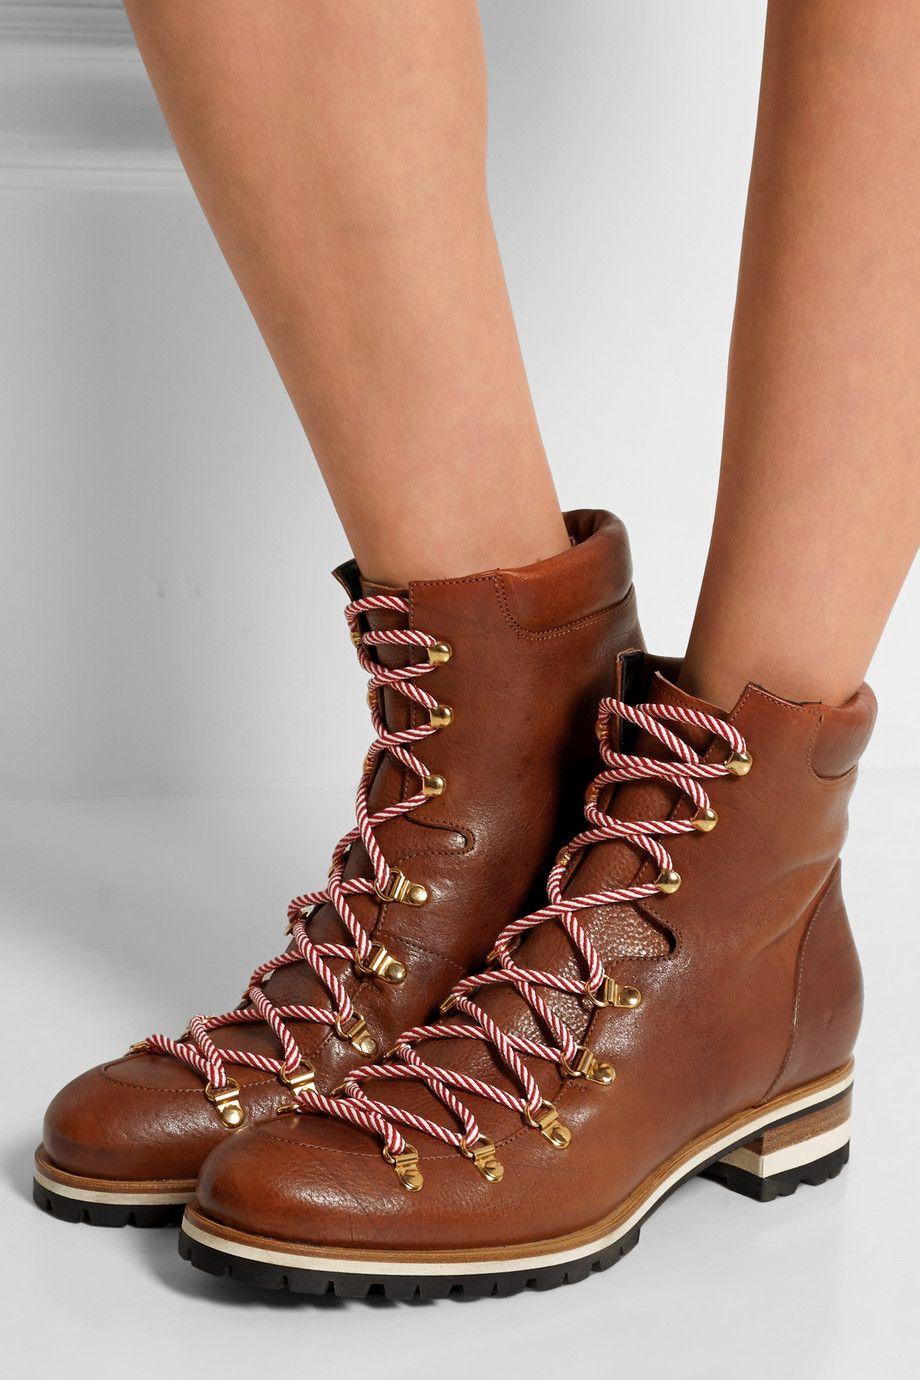 FOOTWEAR - Lace-up shoes Rupert Sanderson N58XdqKNSK